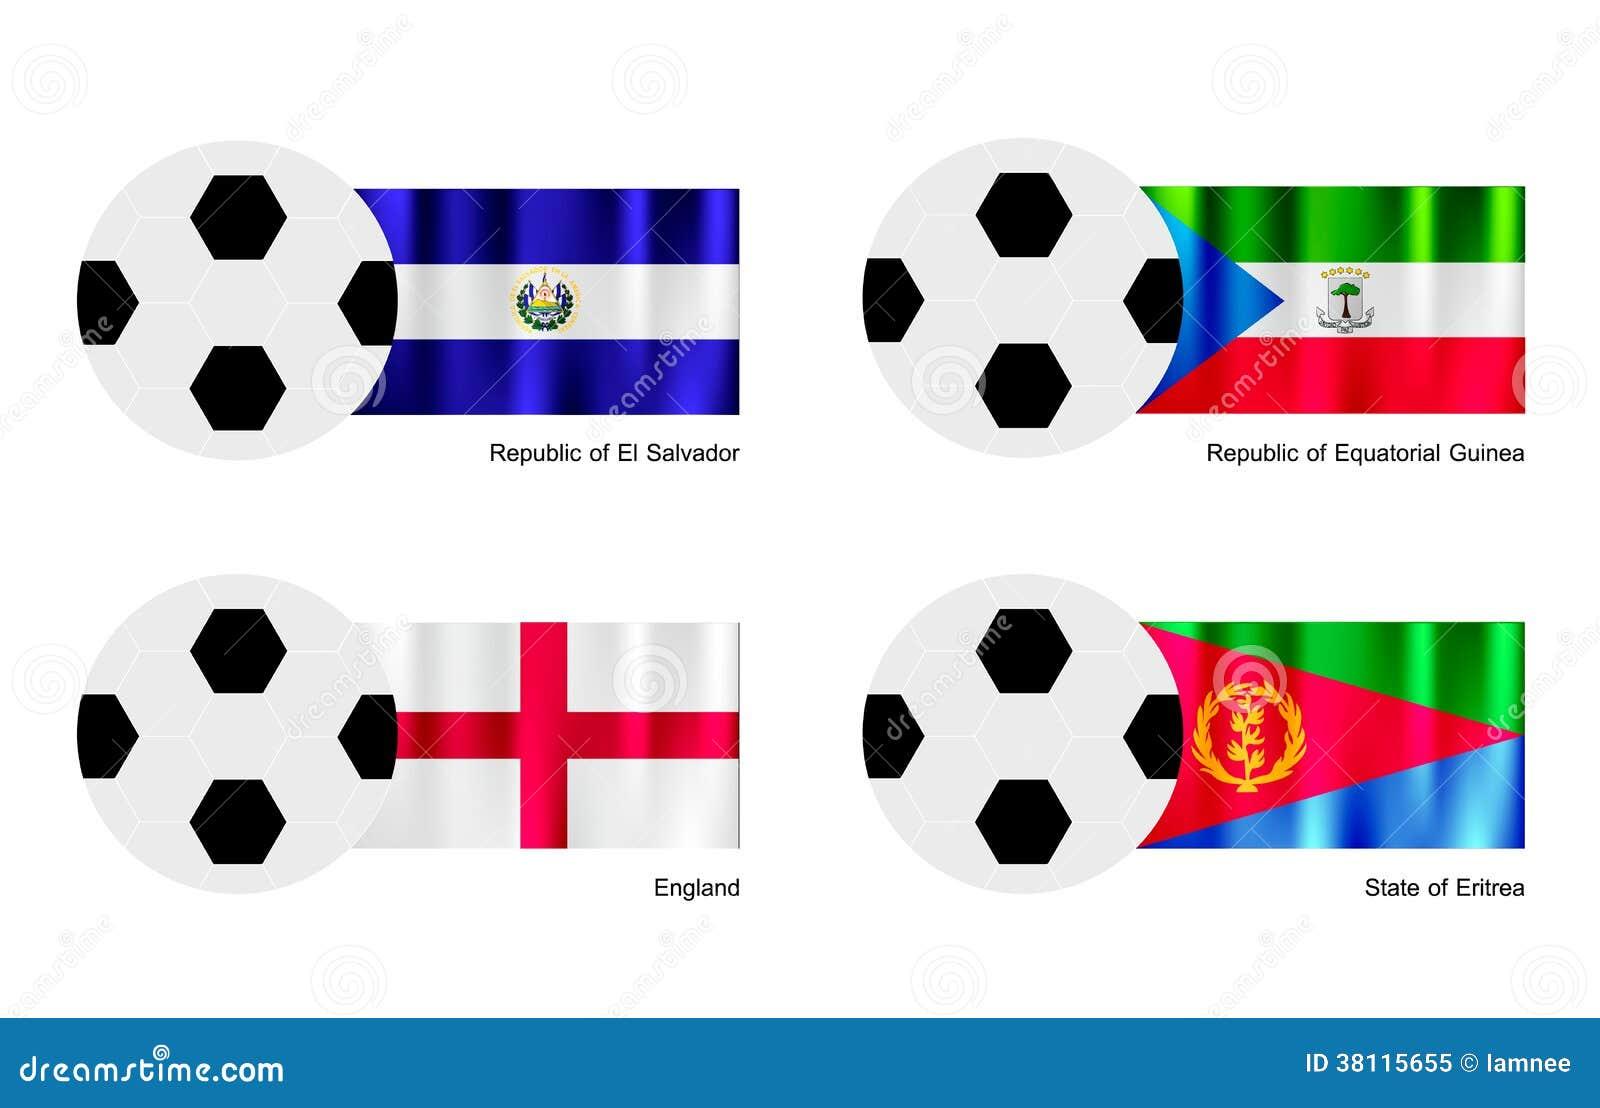 Voetbal met de Vlag van El Salvador, van Equatoriaal-Guinea, van Engeland en van Eritrea